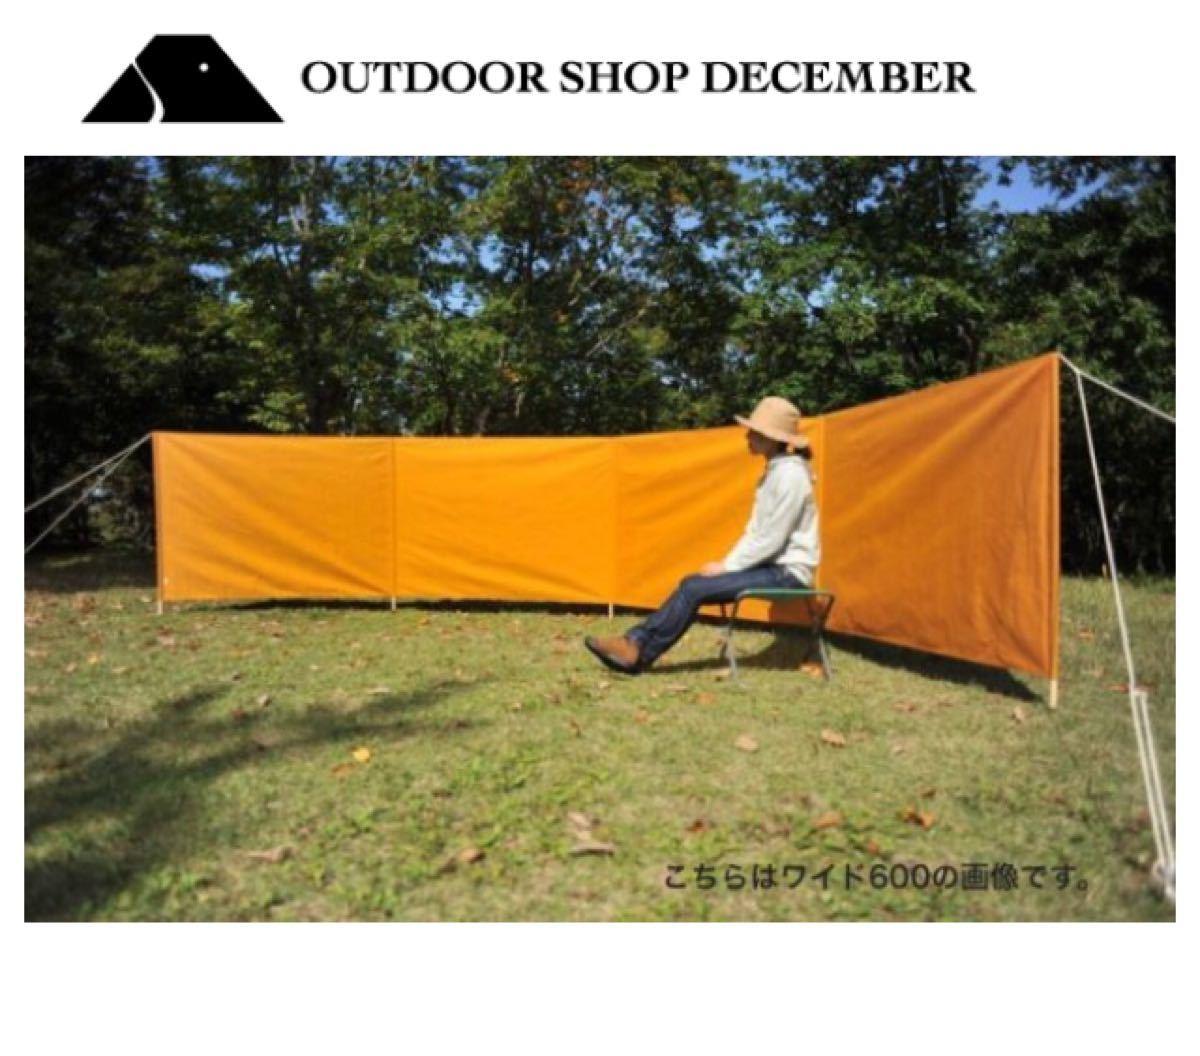 OUTDOOR SHOP DECEMBER ウインドスクリーン 陣幕 キャンプ タープ  アウトドア用品